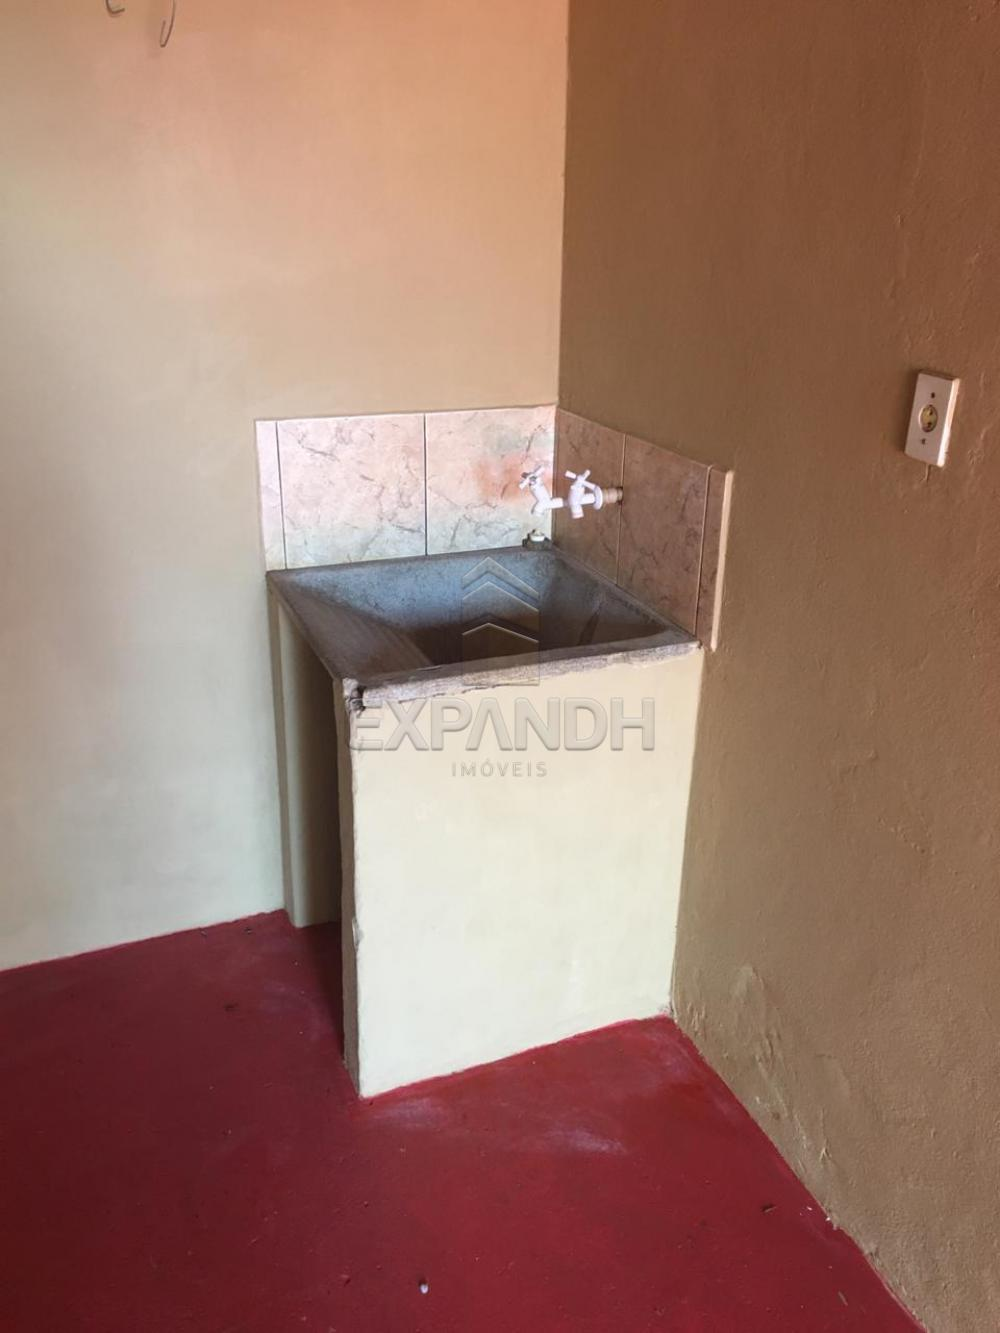 Alugar Casas / Padrão em Sertãozinho apenas R$ 400,00 - Foto 4